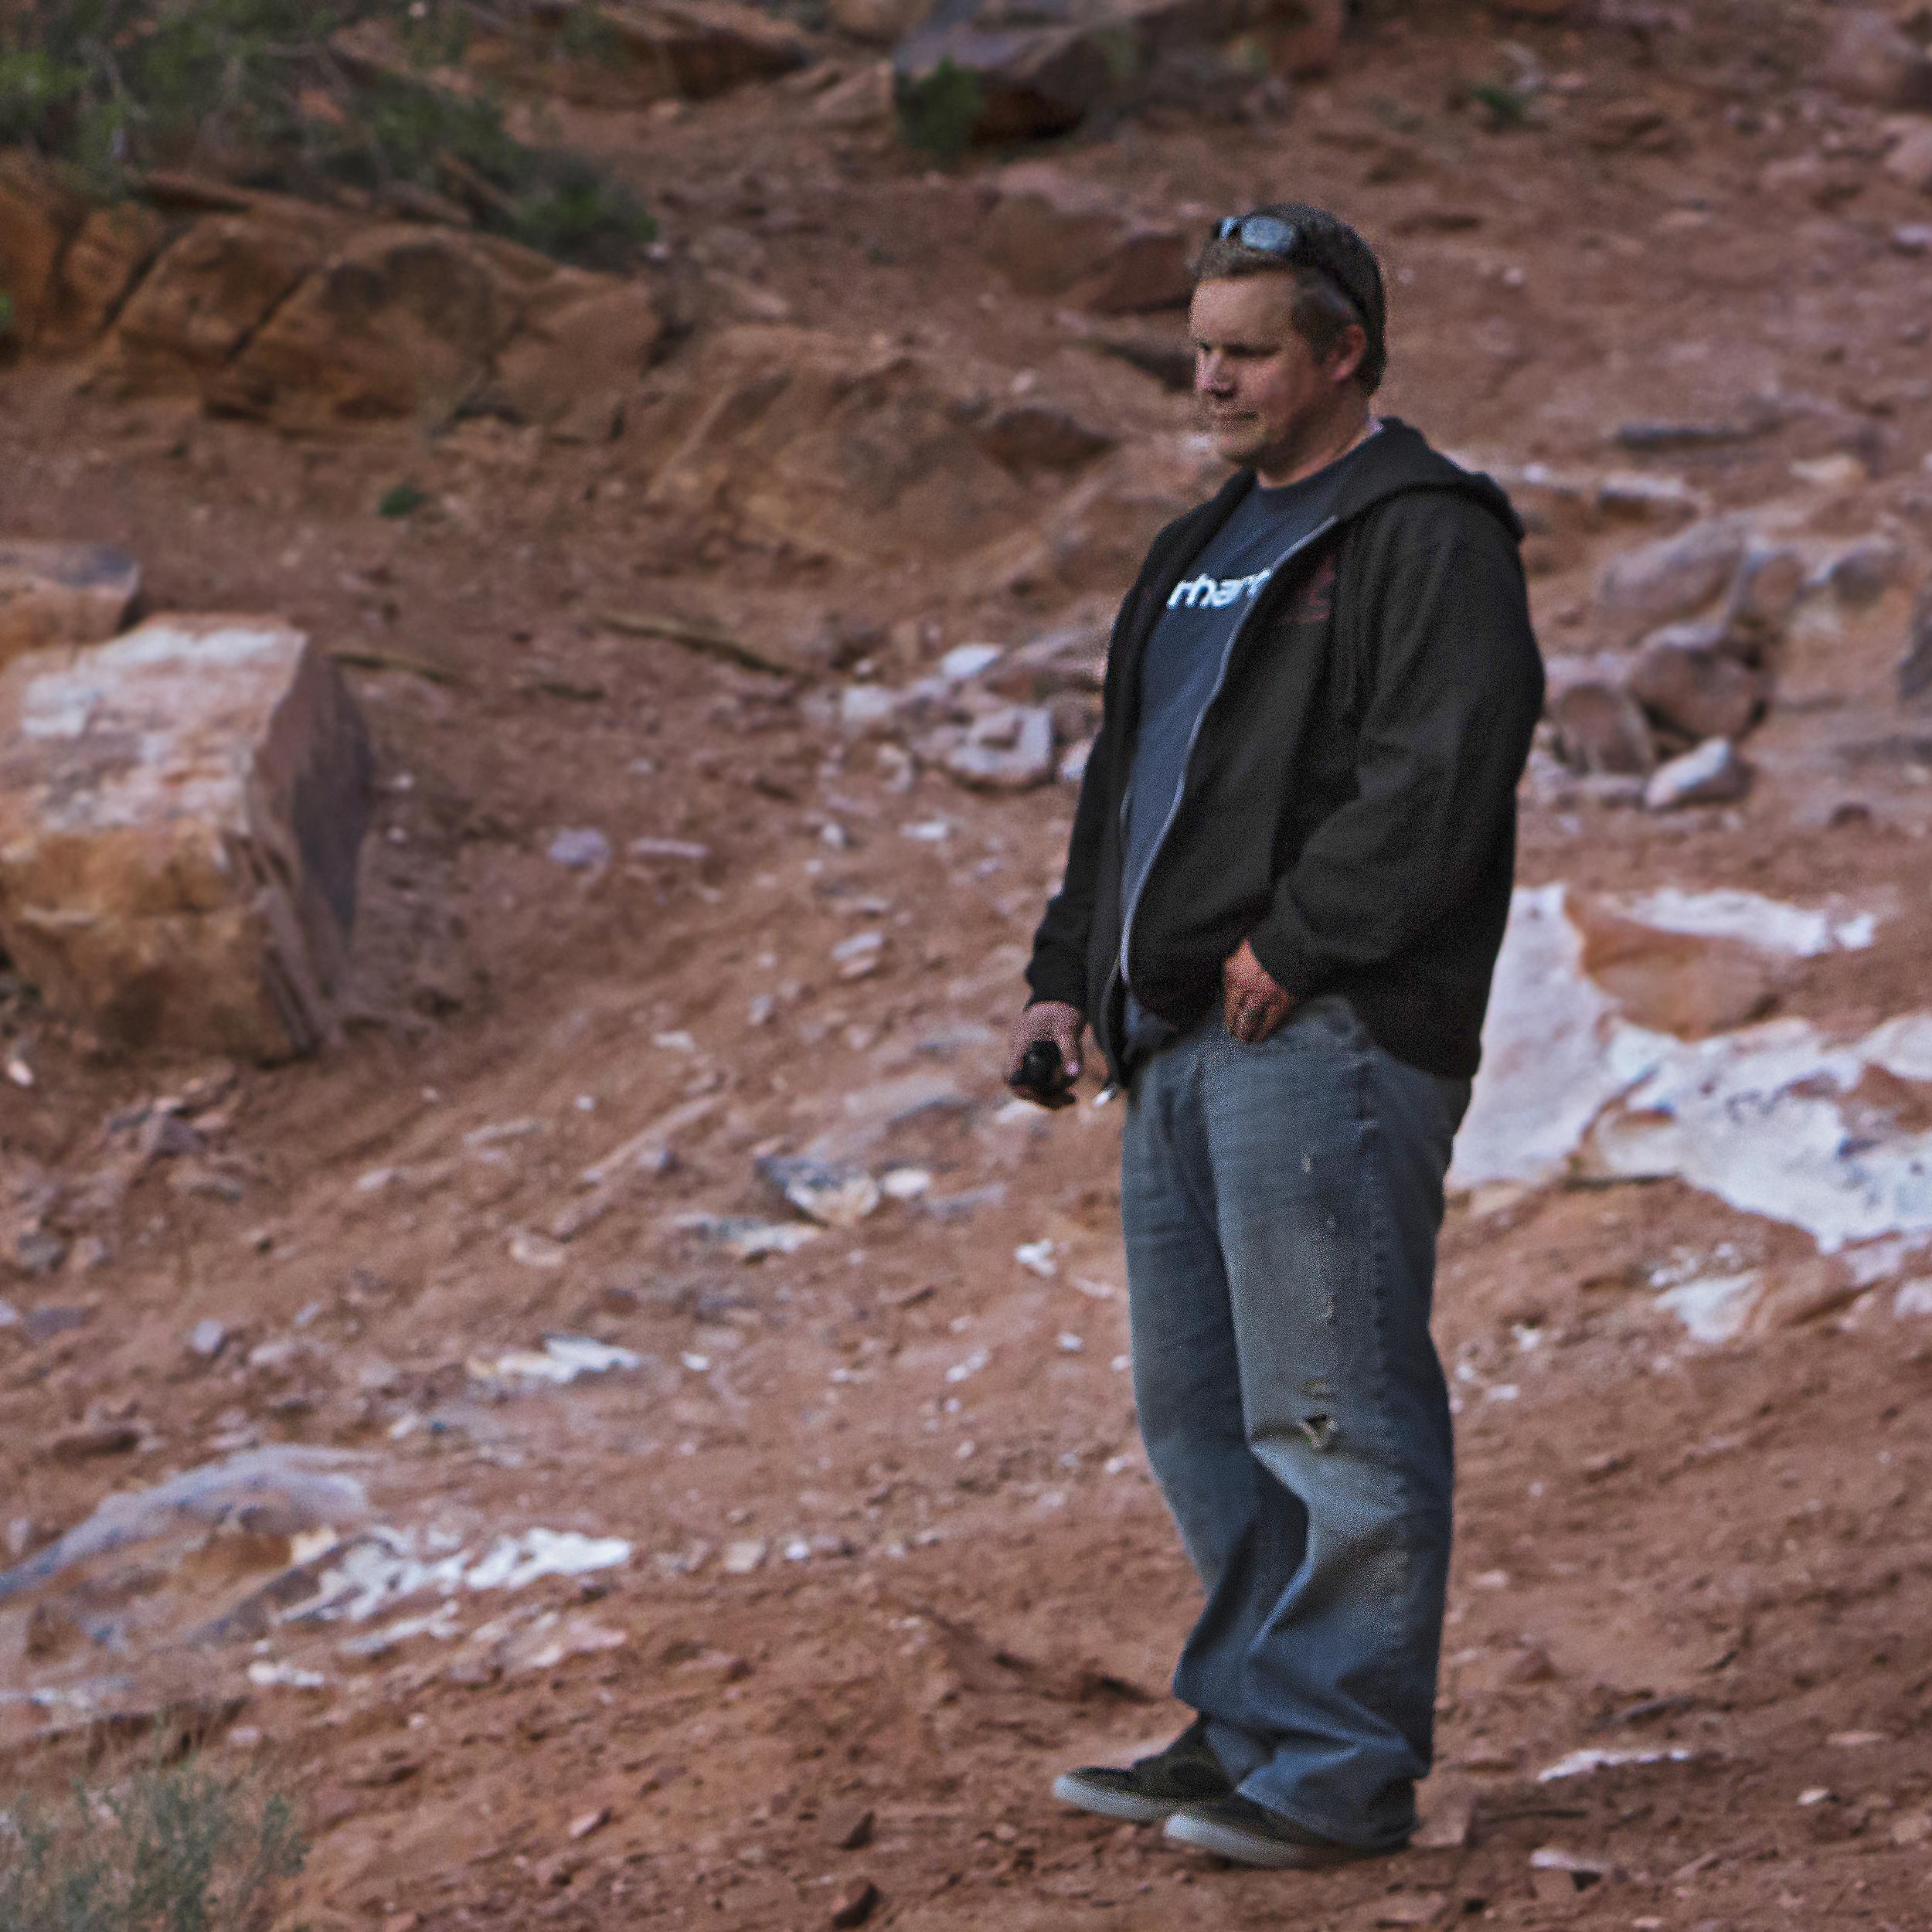 David Wakely looks down Rose Garden Hill near Moab, UT